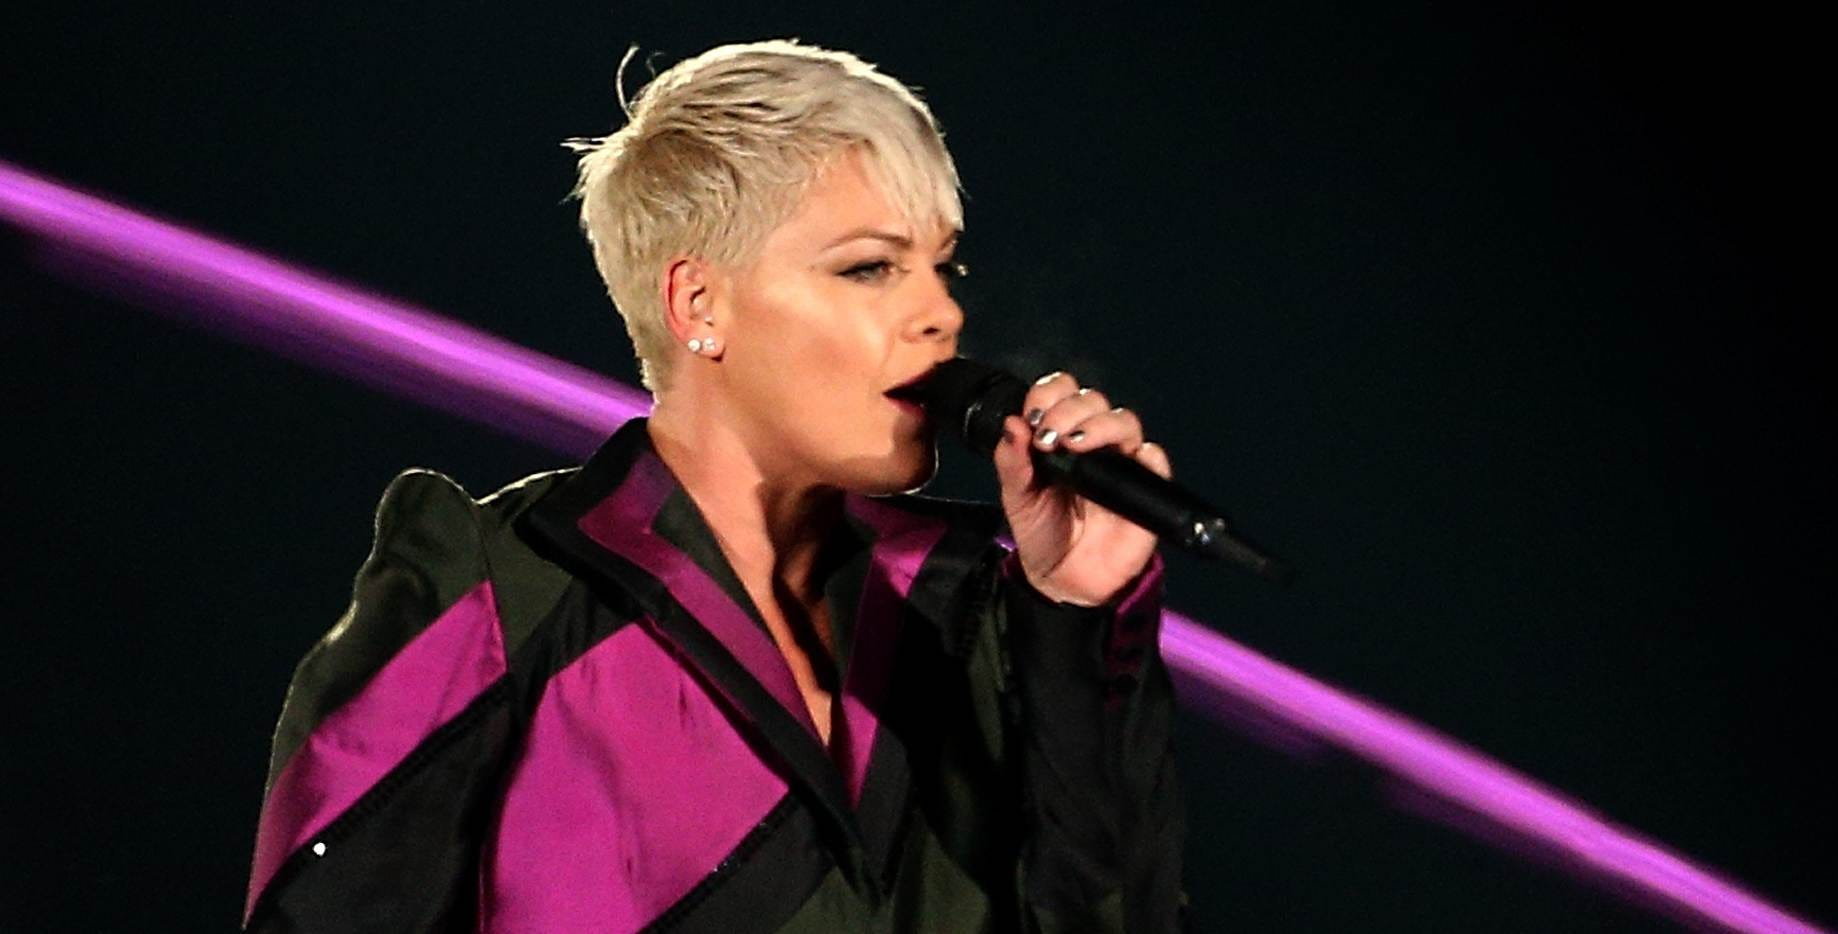 Forum on this topic: Rachel Herbert, pink-singer/